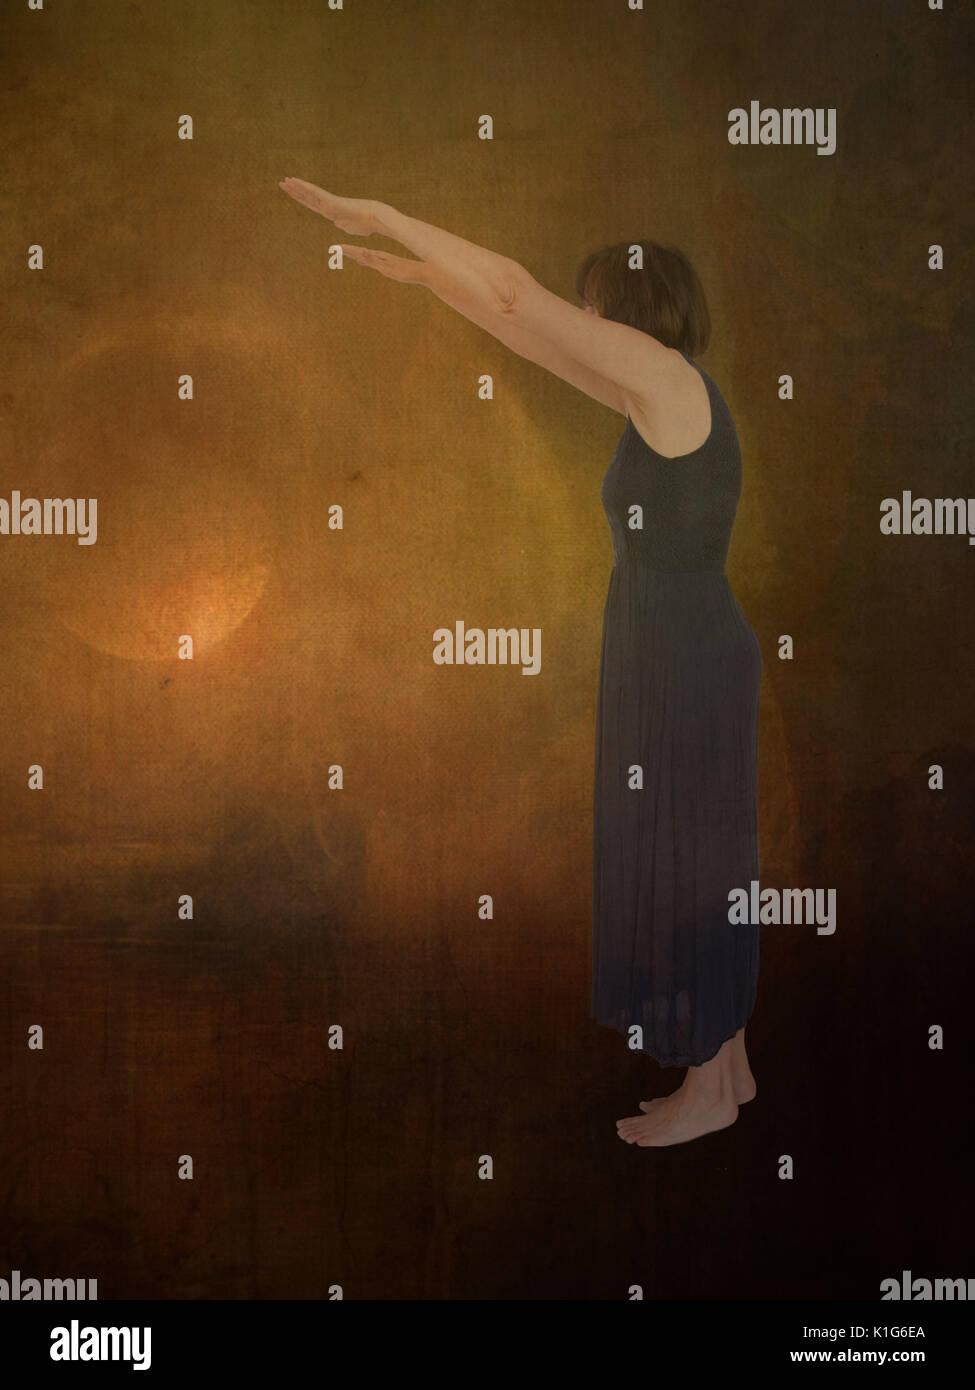 Sleepwalking, hypnotized or entranced. - Stock Image